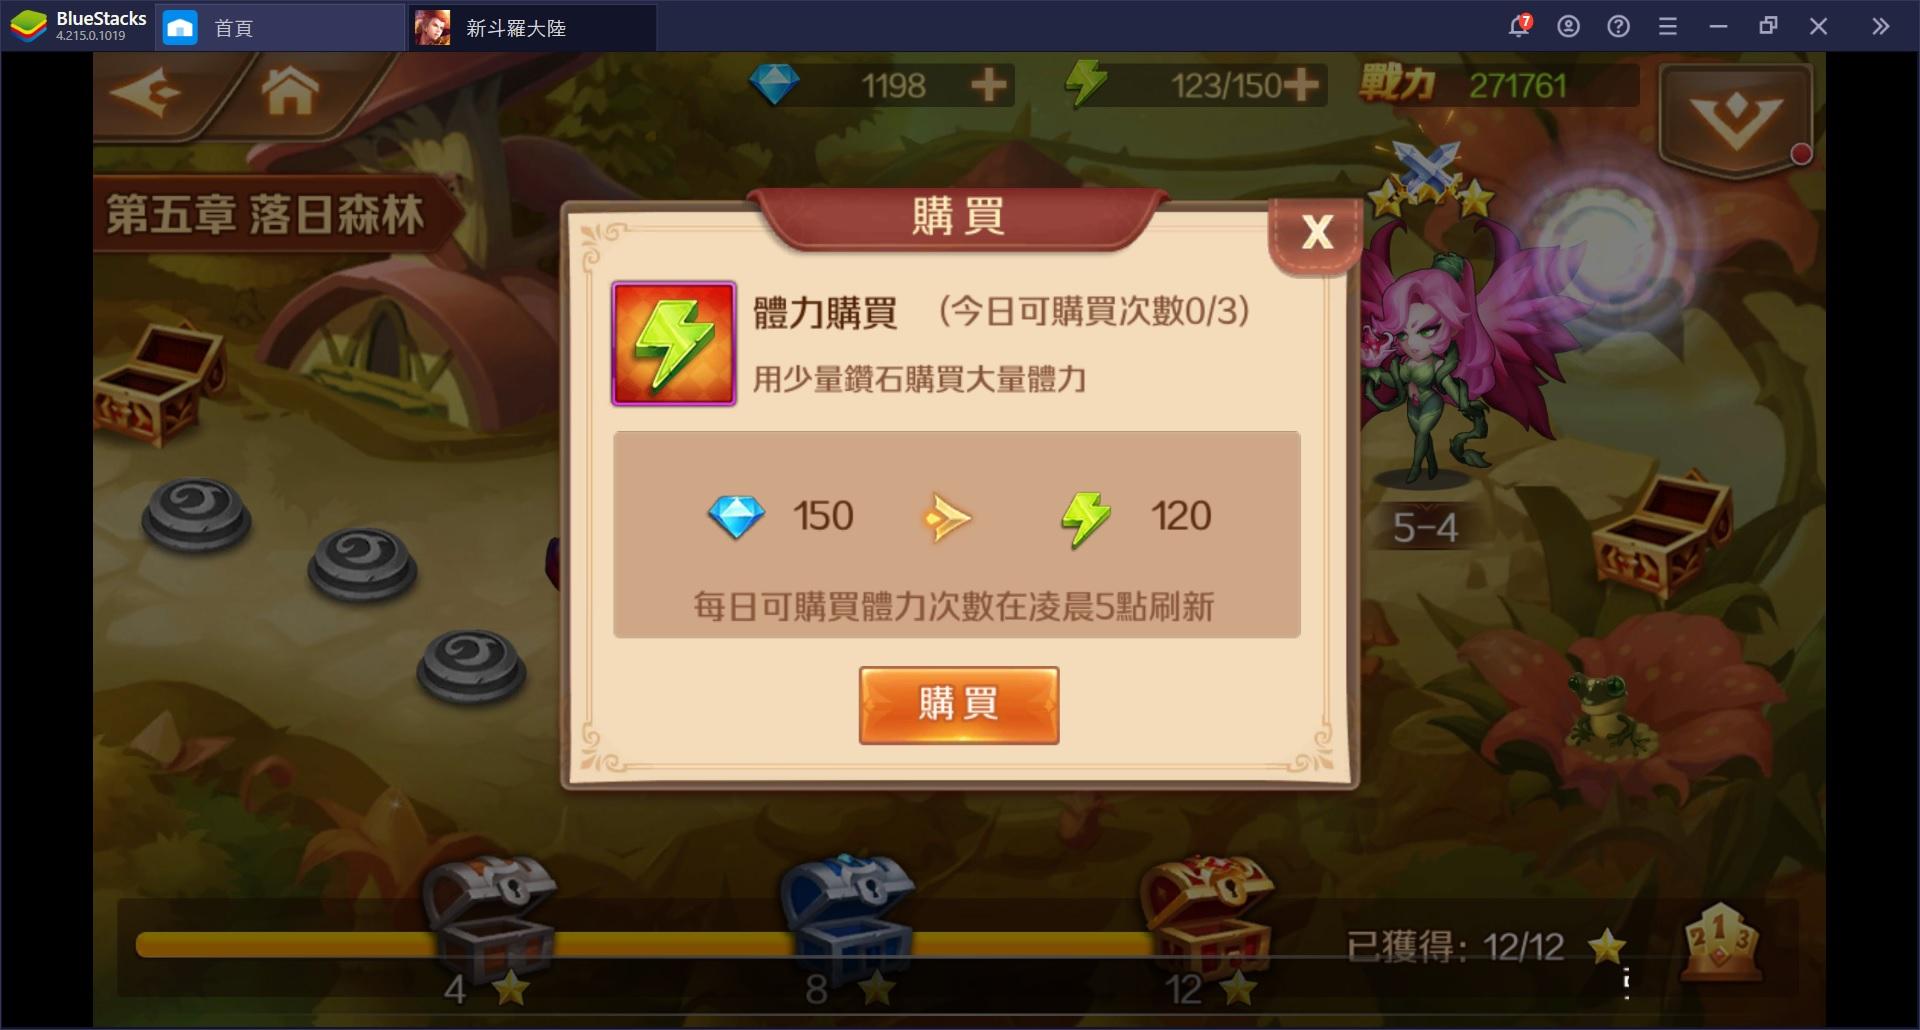 使用BlueStacks在PC上遊玩RPG 卡牌手遊《新斗羅大陸》